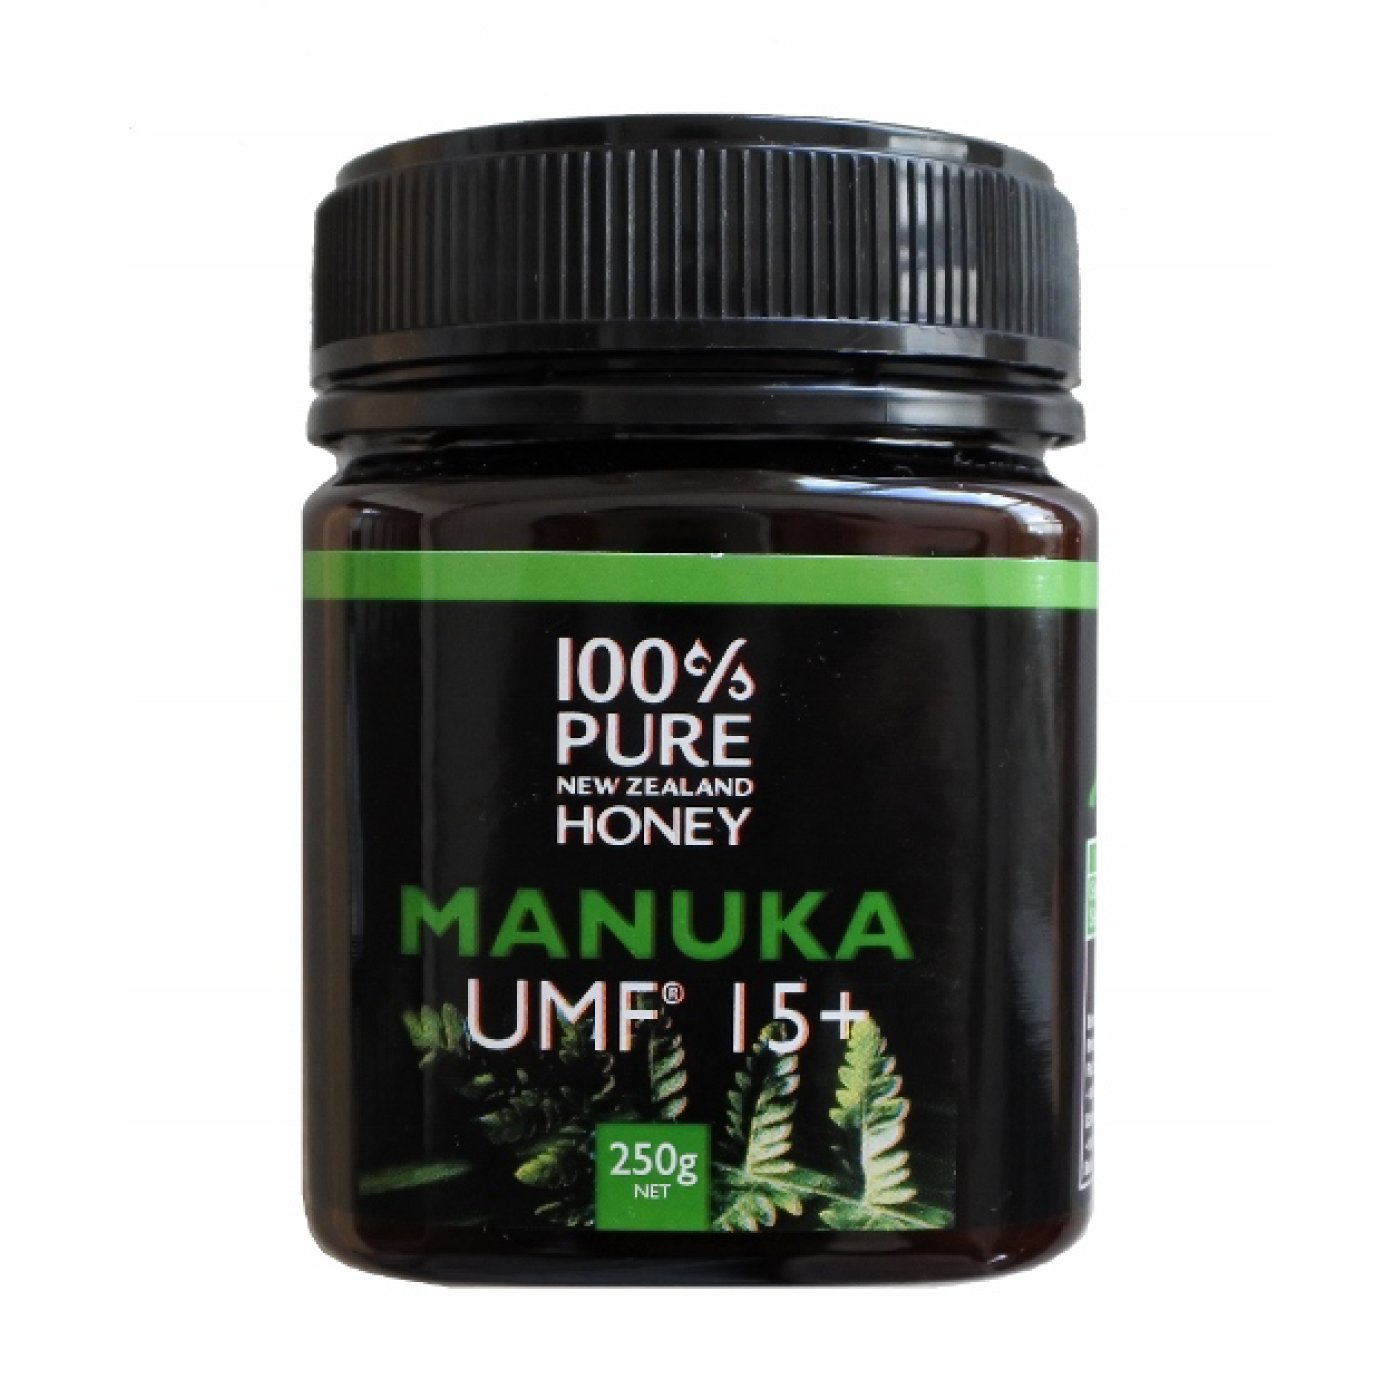 ニュージーランドの100%純粋はちみつ マヌカハニーUMF(R)15+